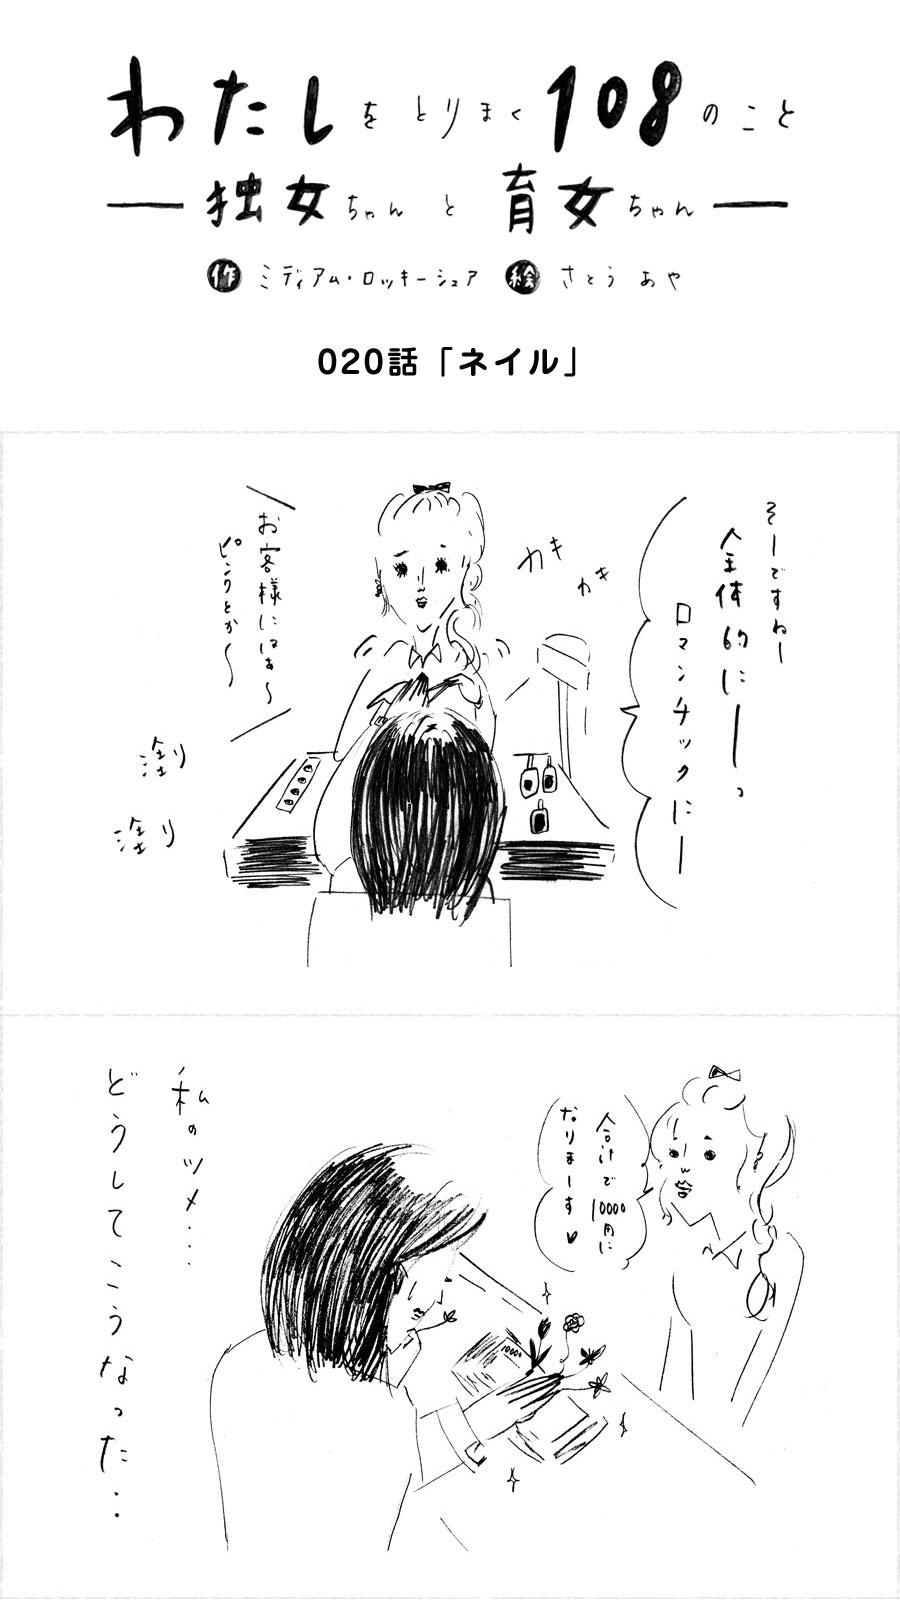 020_独女ちゃん_ネイル_001